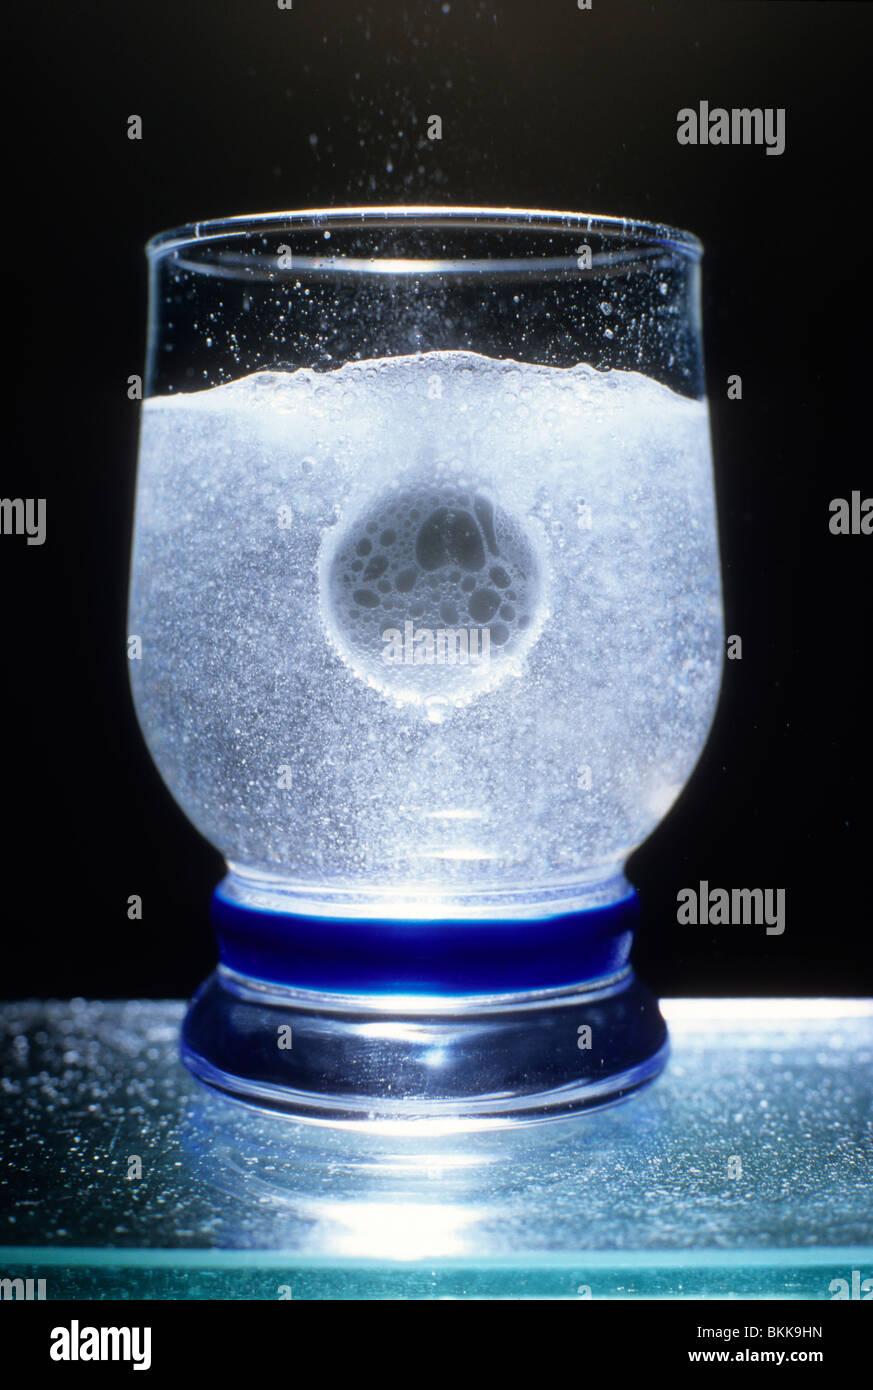 Tableta antiácida disolviéndose en el vaso de agua Imagen De Stock